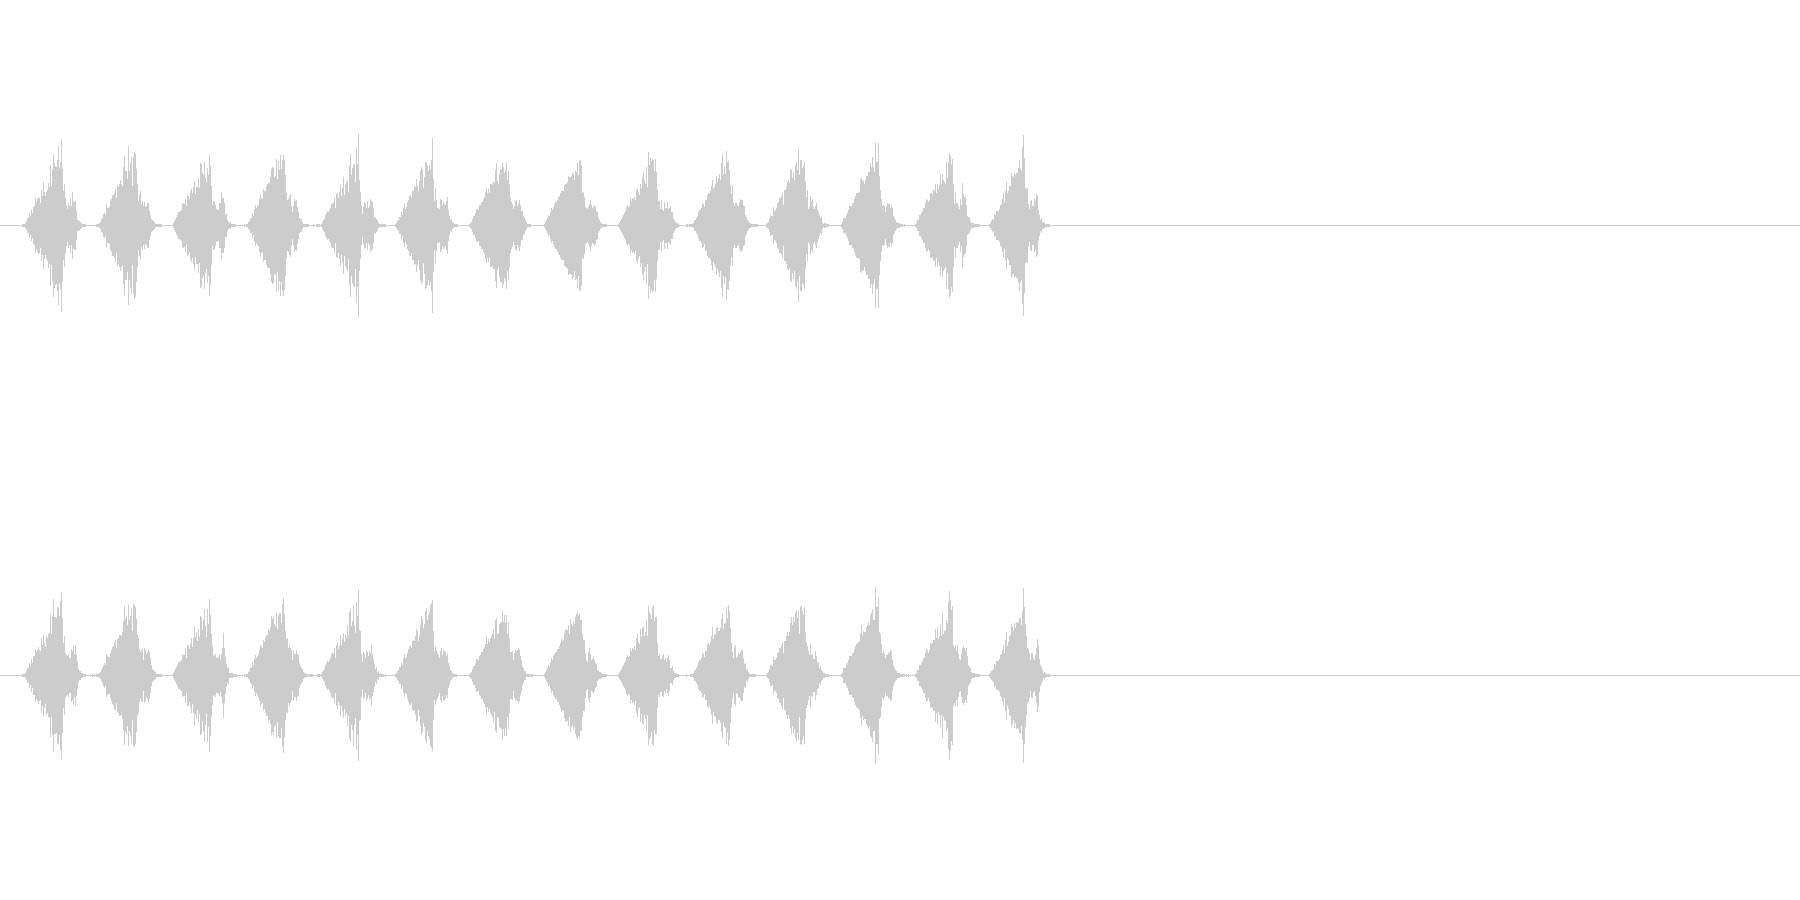 シャシャシャ…(カードを切る音、配る音)の未再生の波形